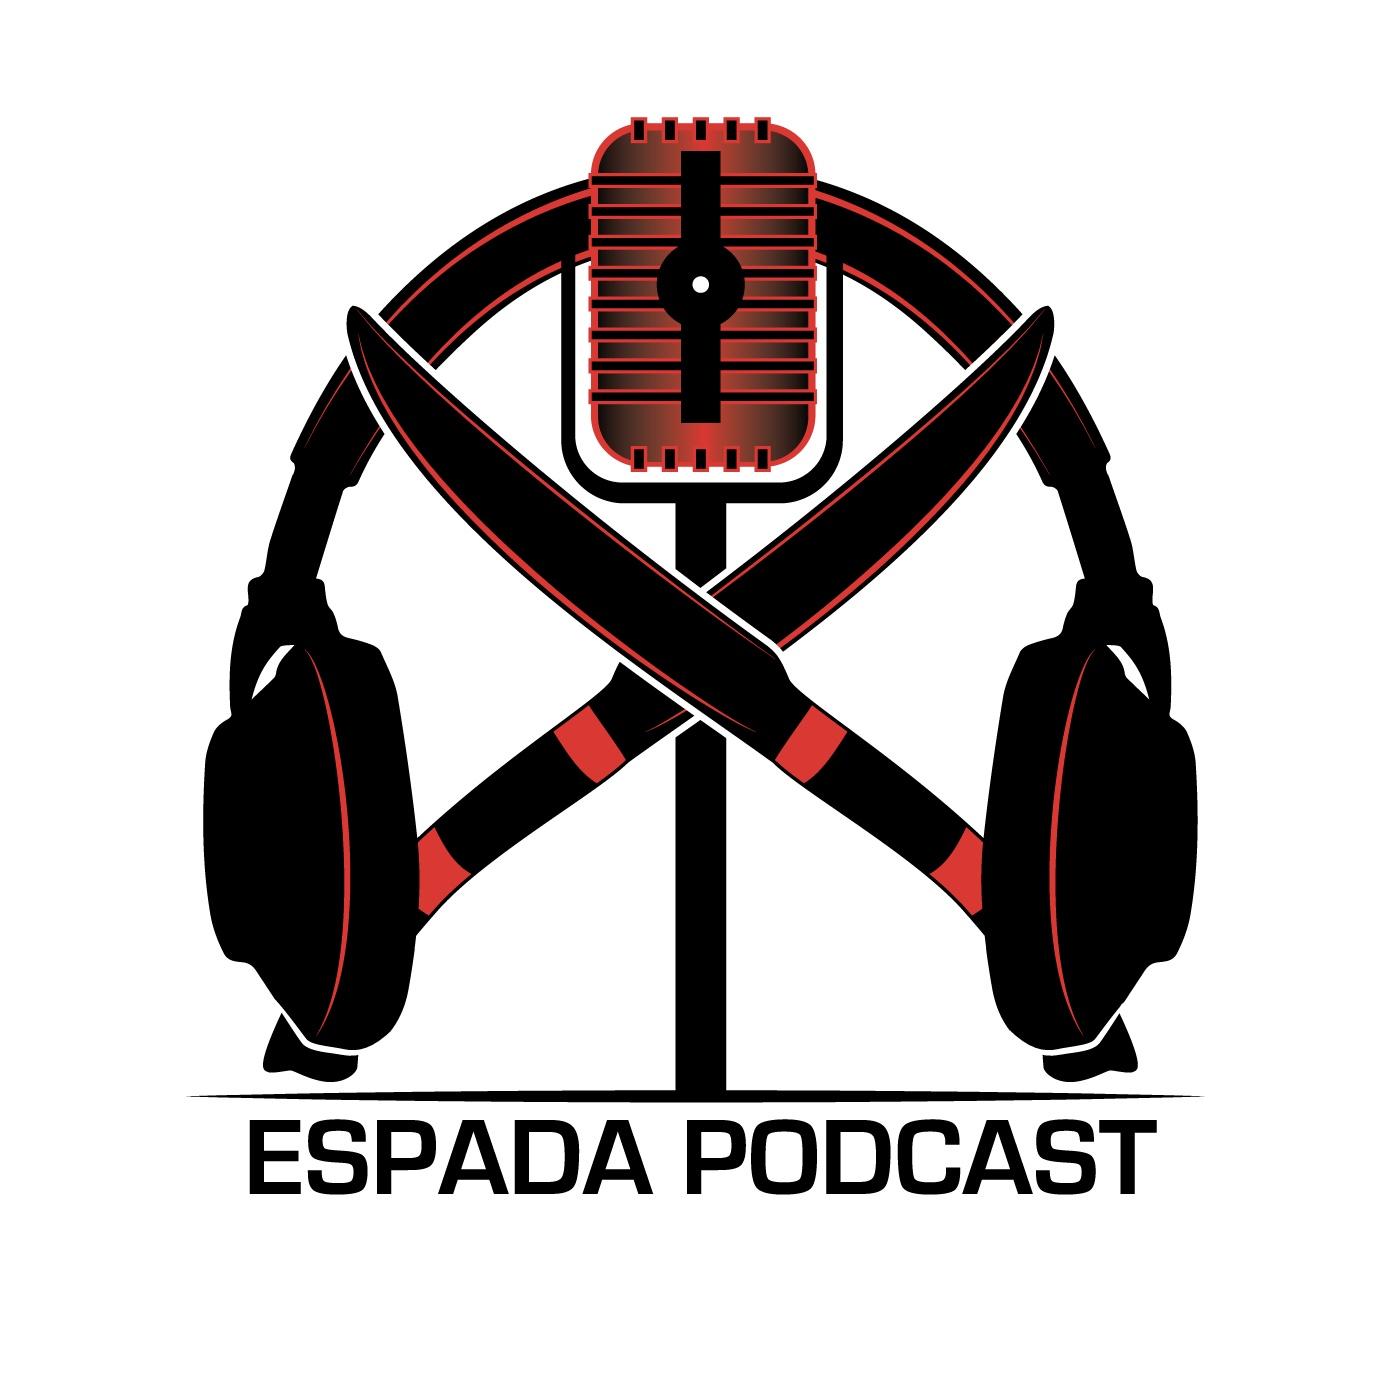 Espada Podcast show art